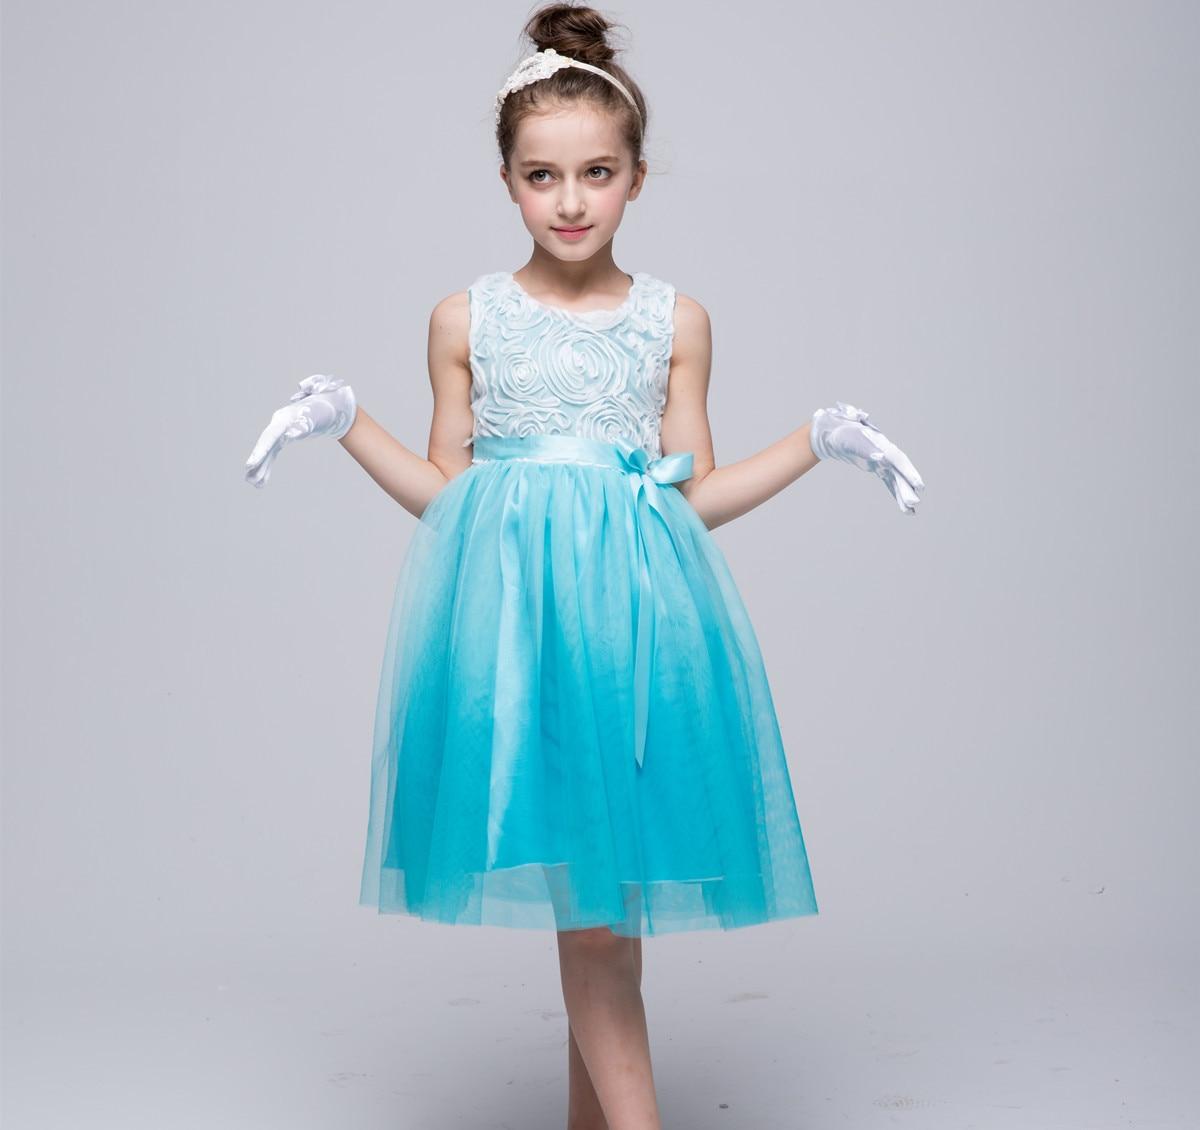 Ungewöhnlich Kinder Kleider Hochzeit Bilder - Brautkleider Ideen ...